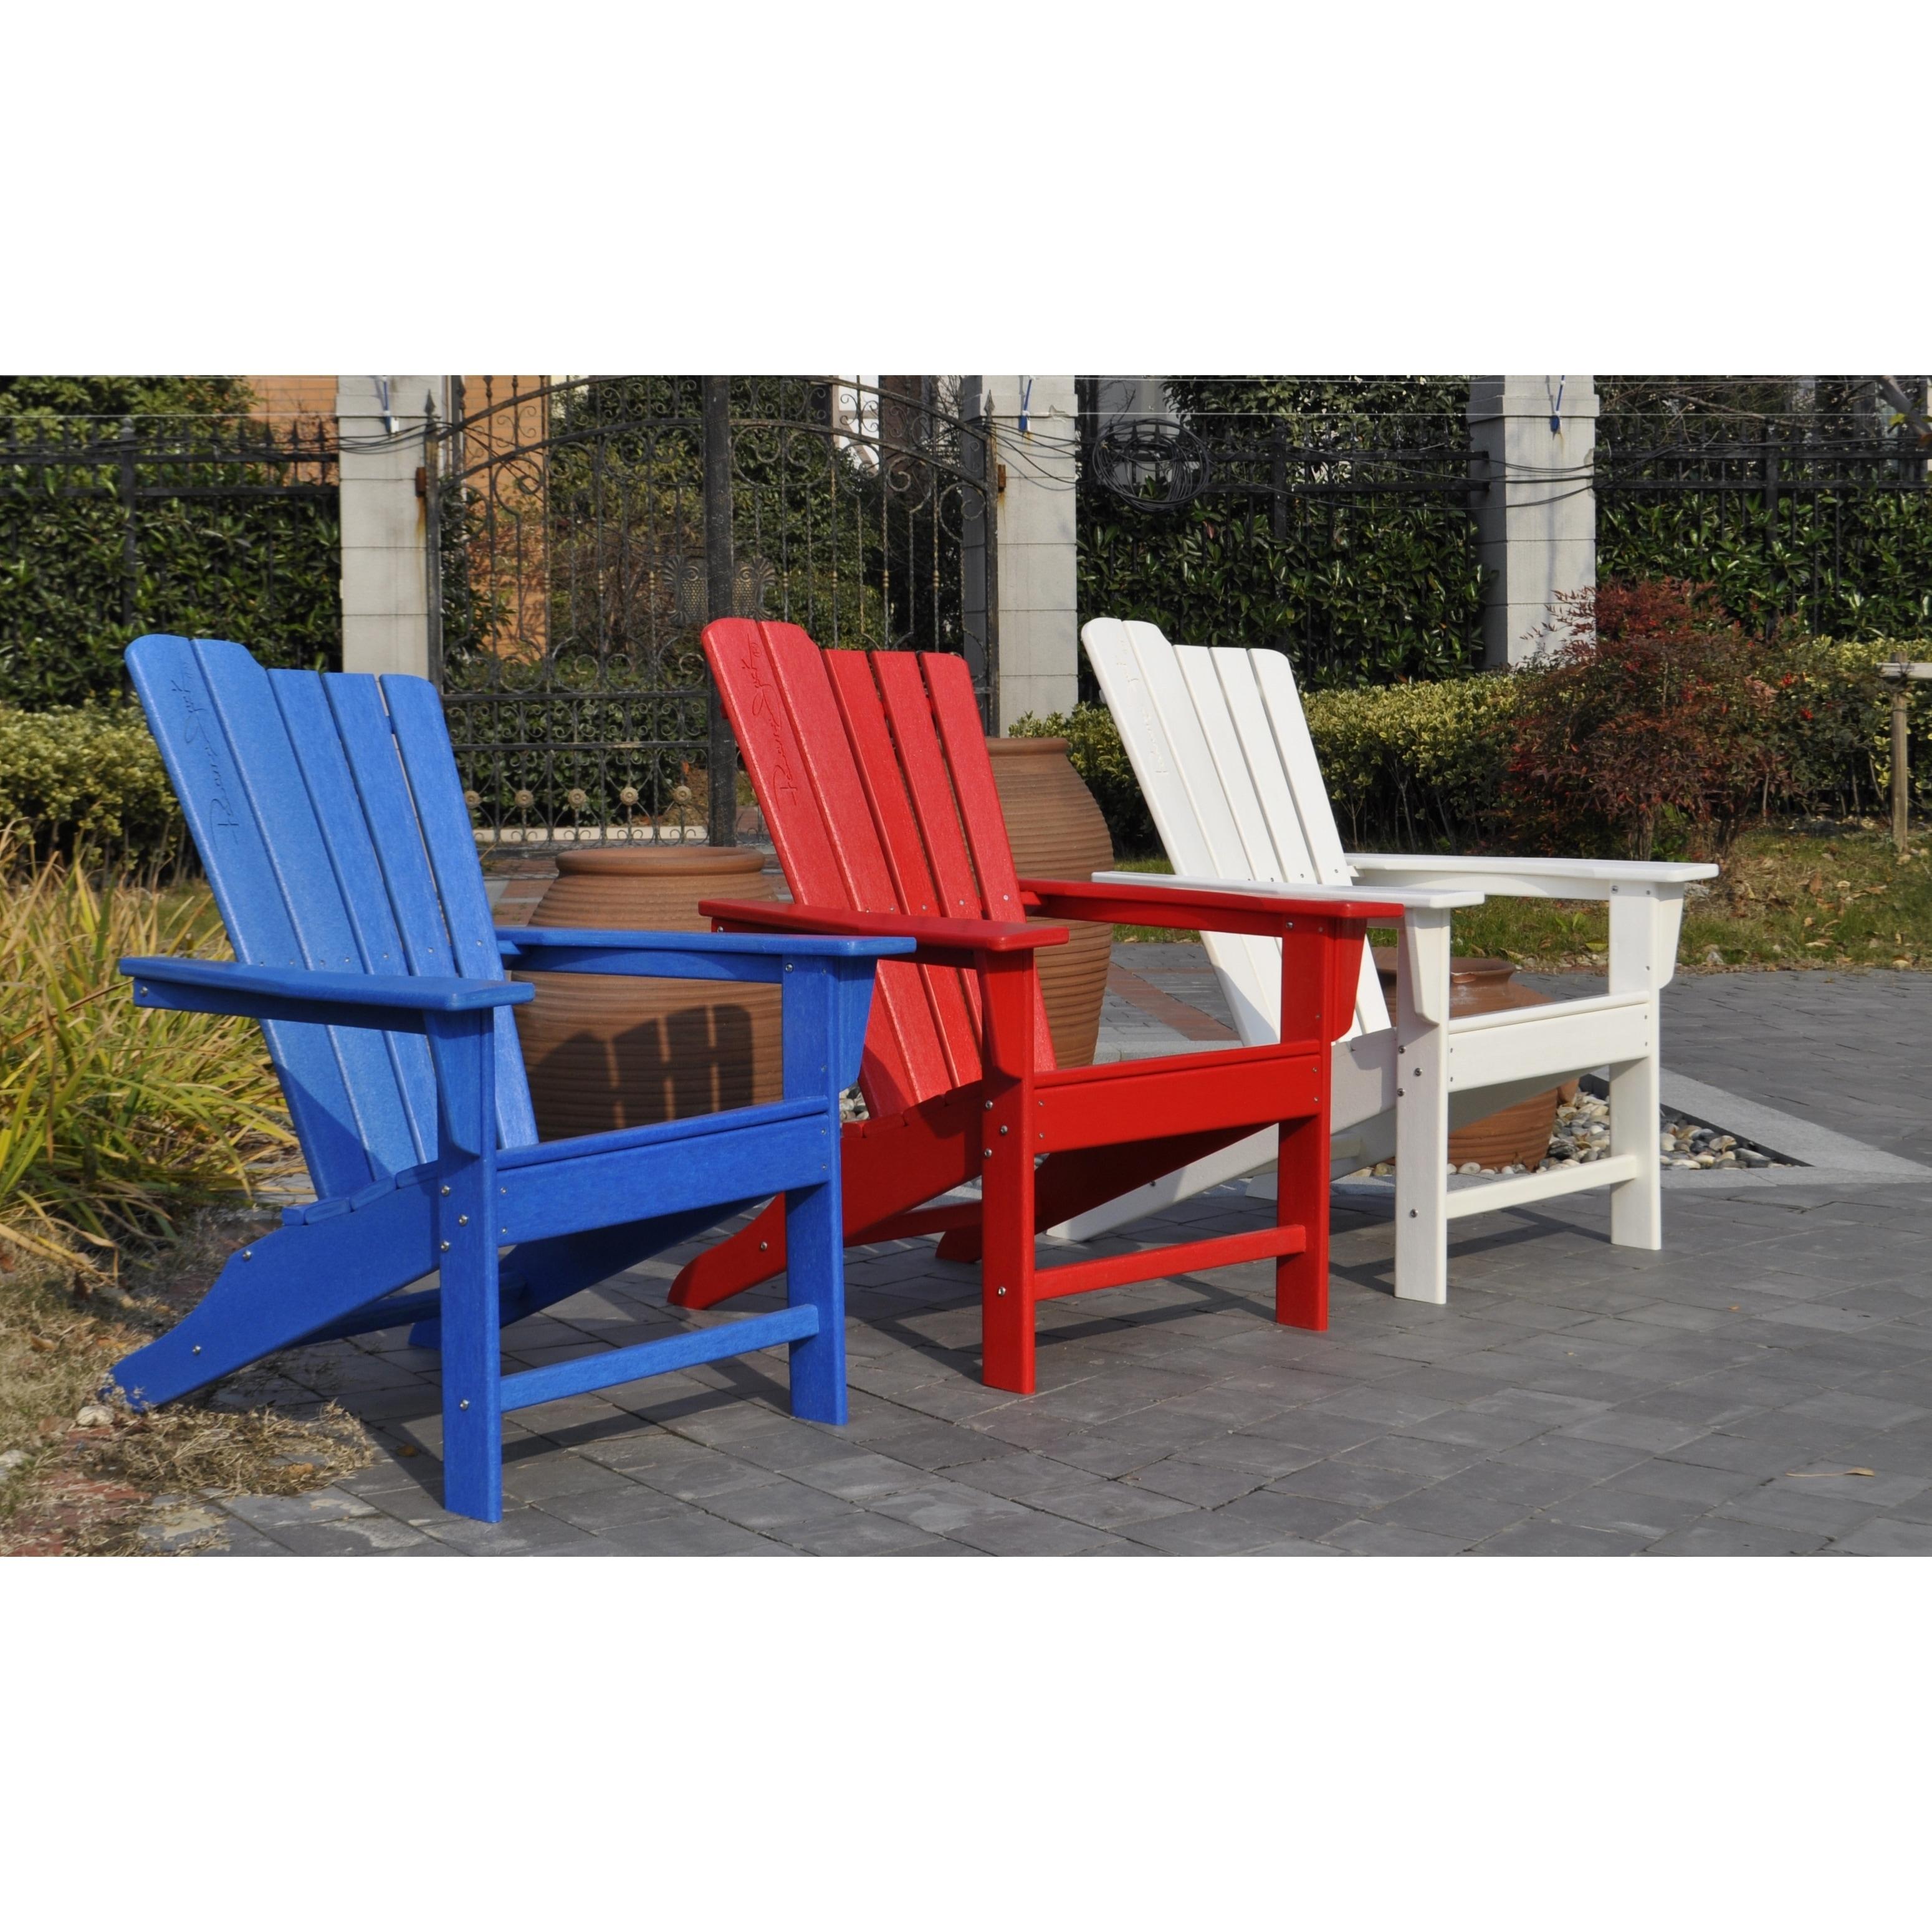 Panama Jack Adirondack Chair (Blue), Size Single, Patio F...